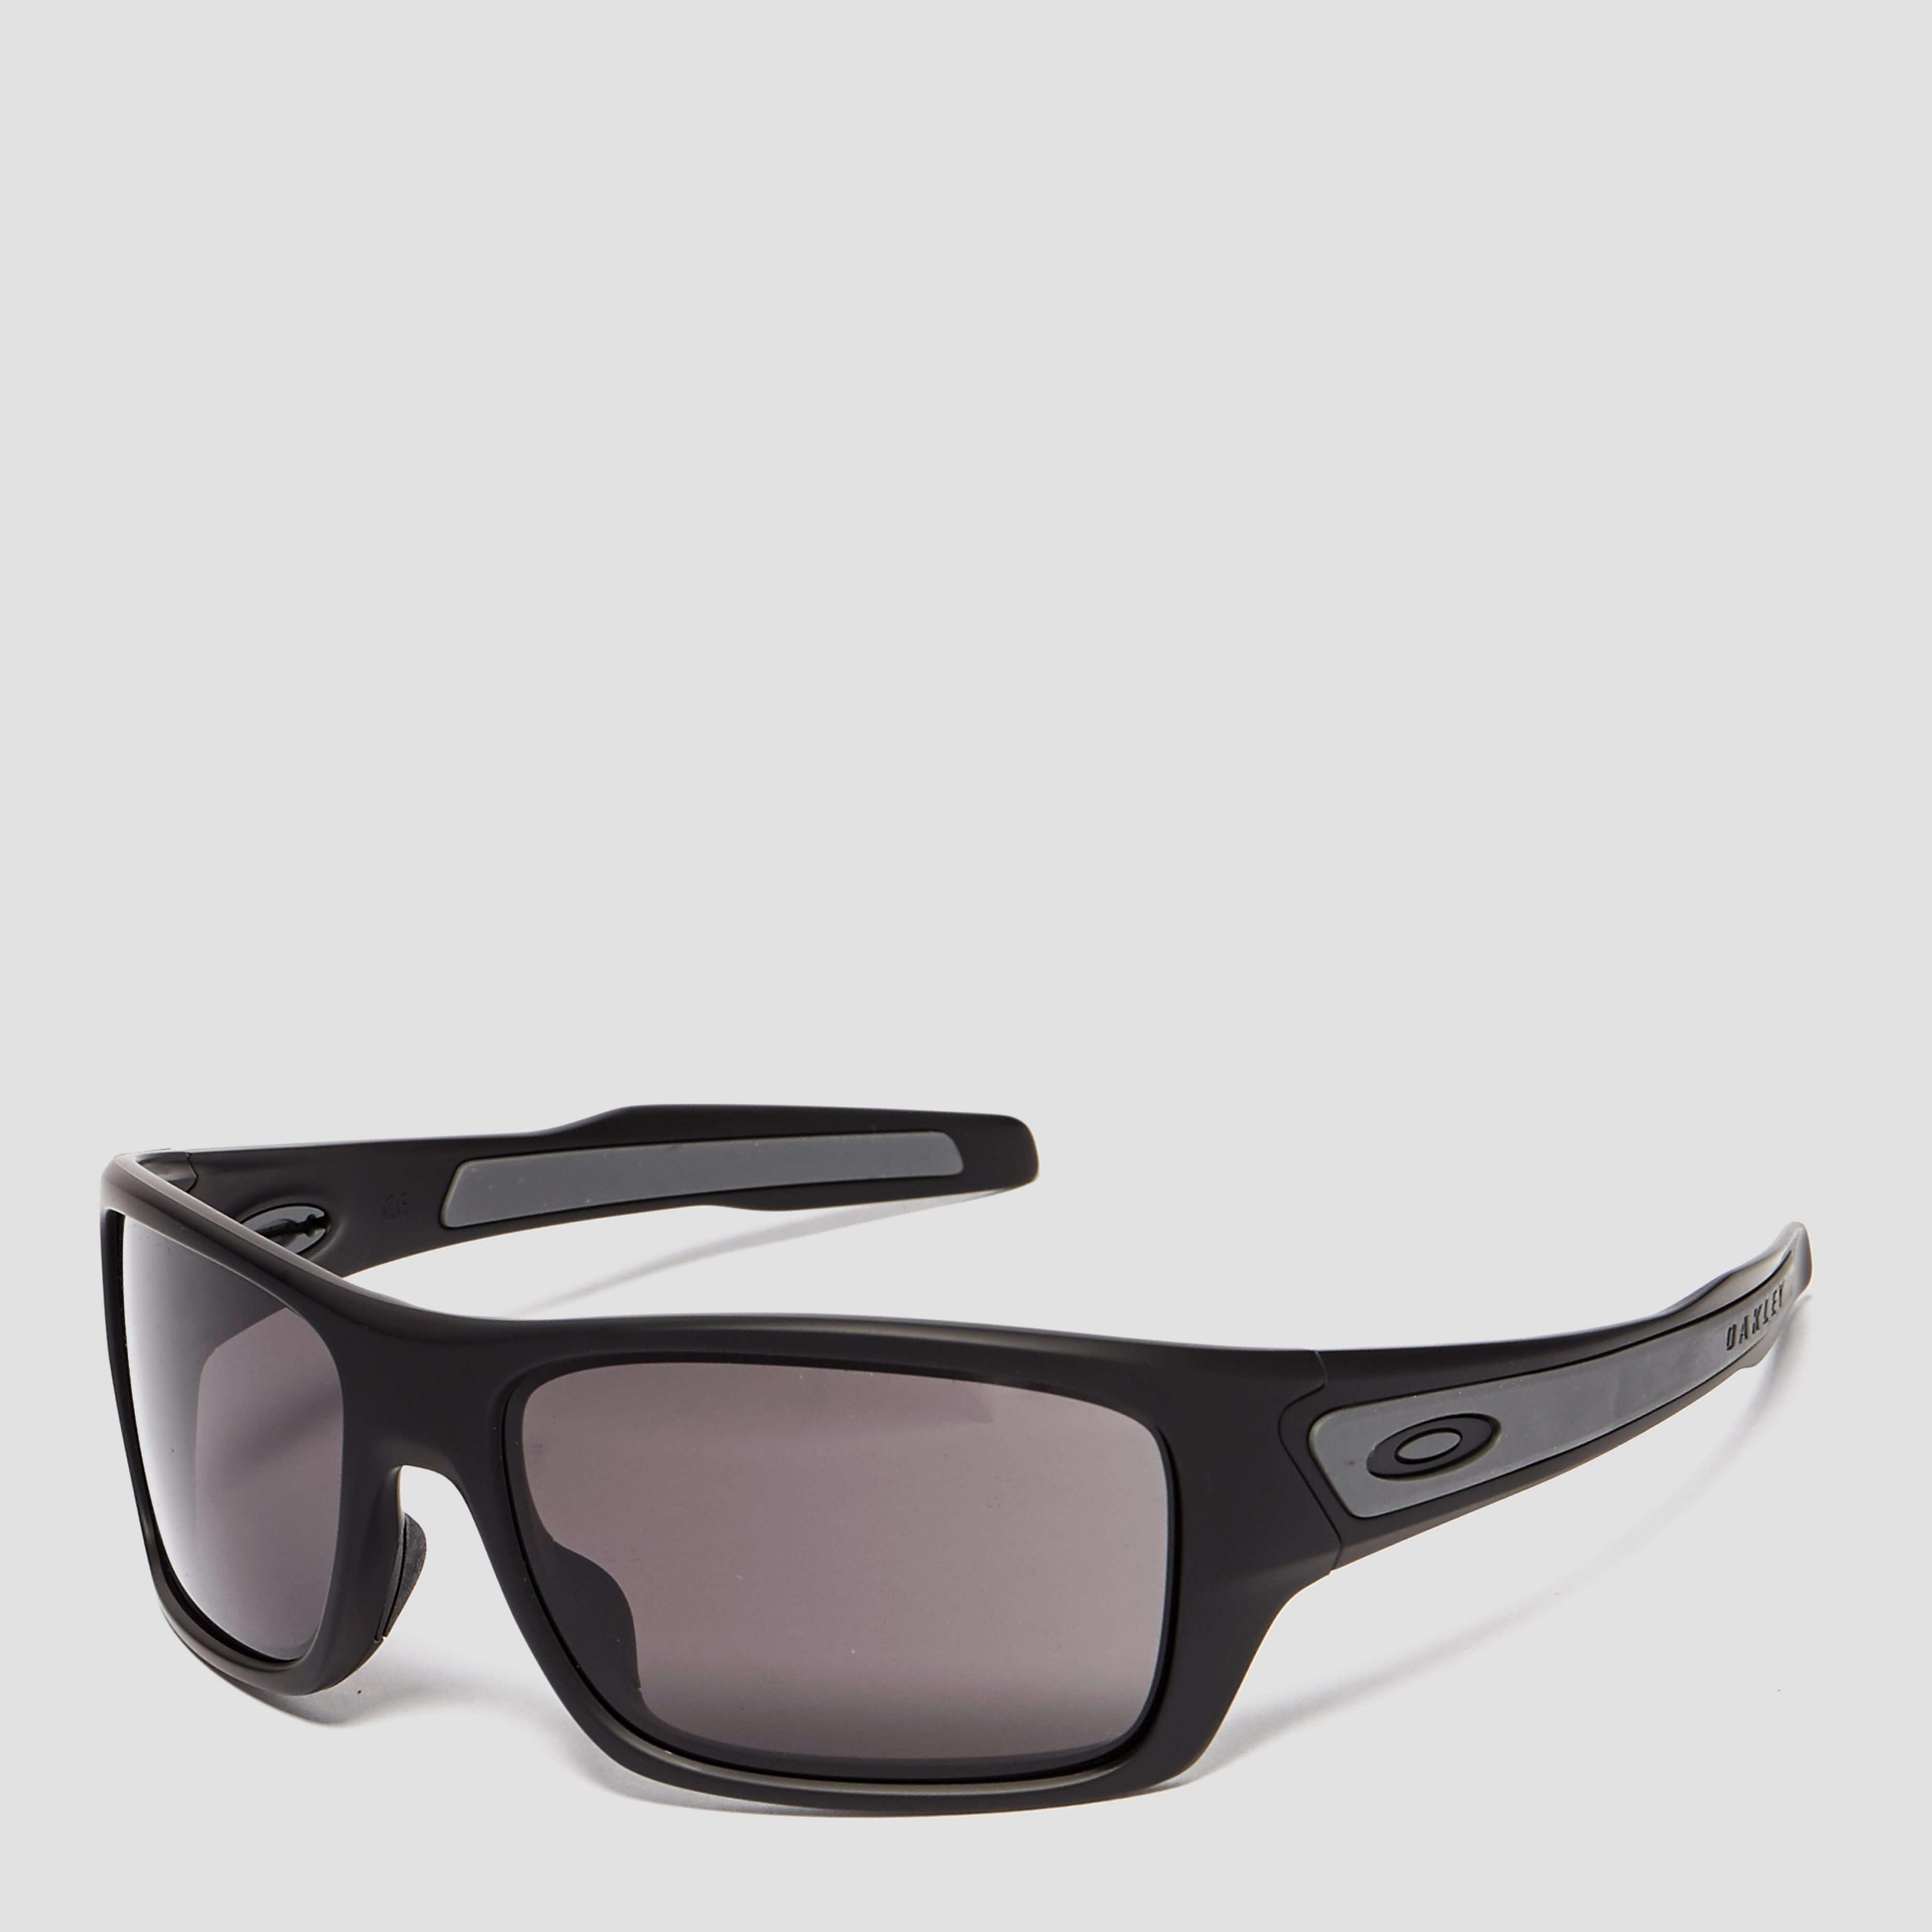 OAKLEY Turbine™ Sunglasses